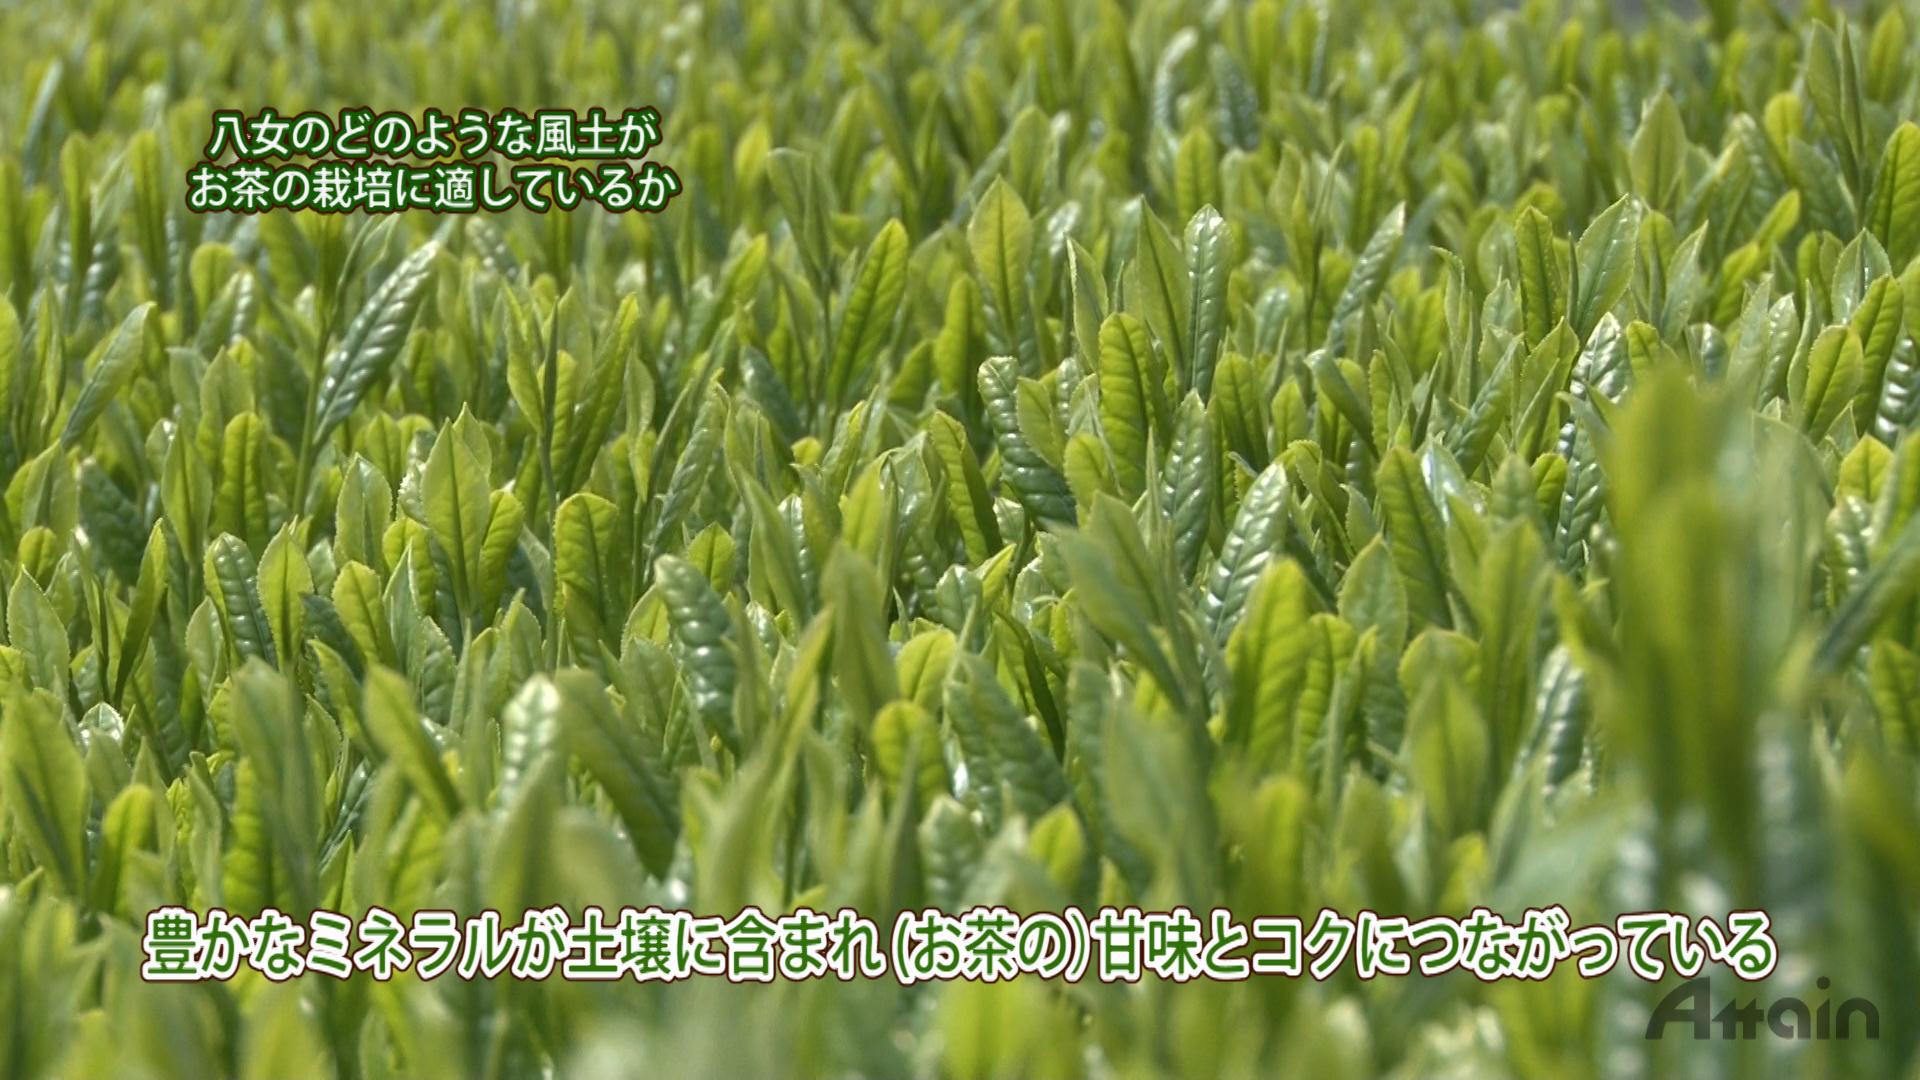 『煎茶の製造工程』をYouTube【日本通TV】チャネルに公開